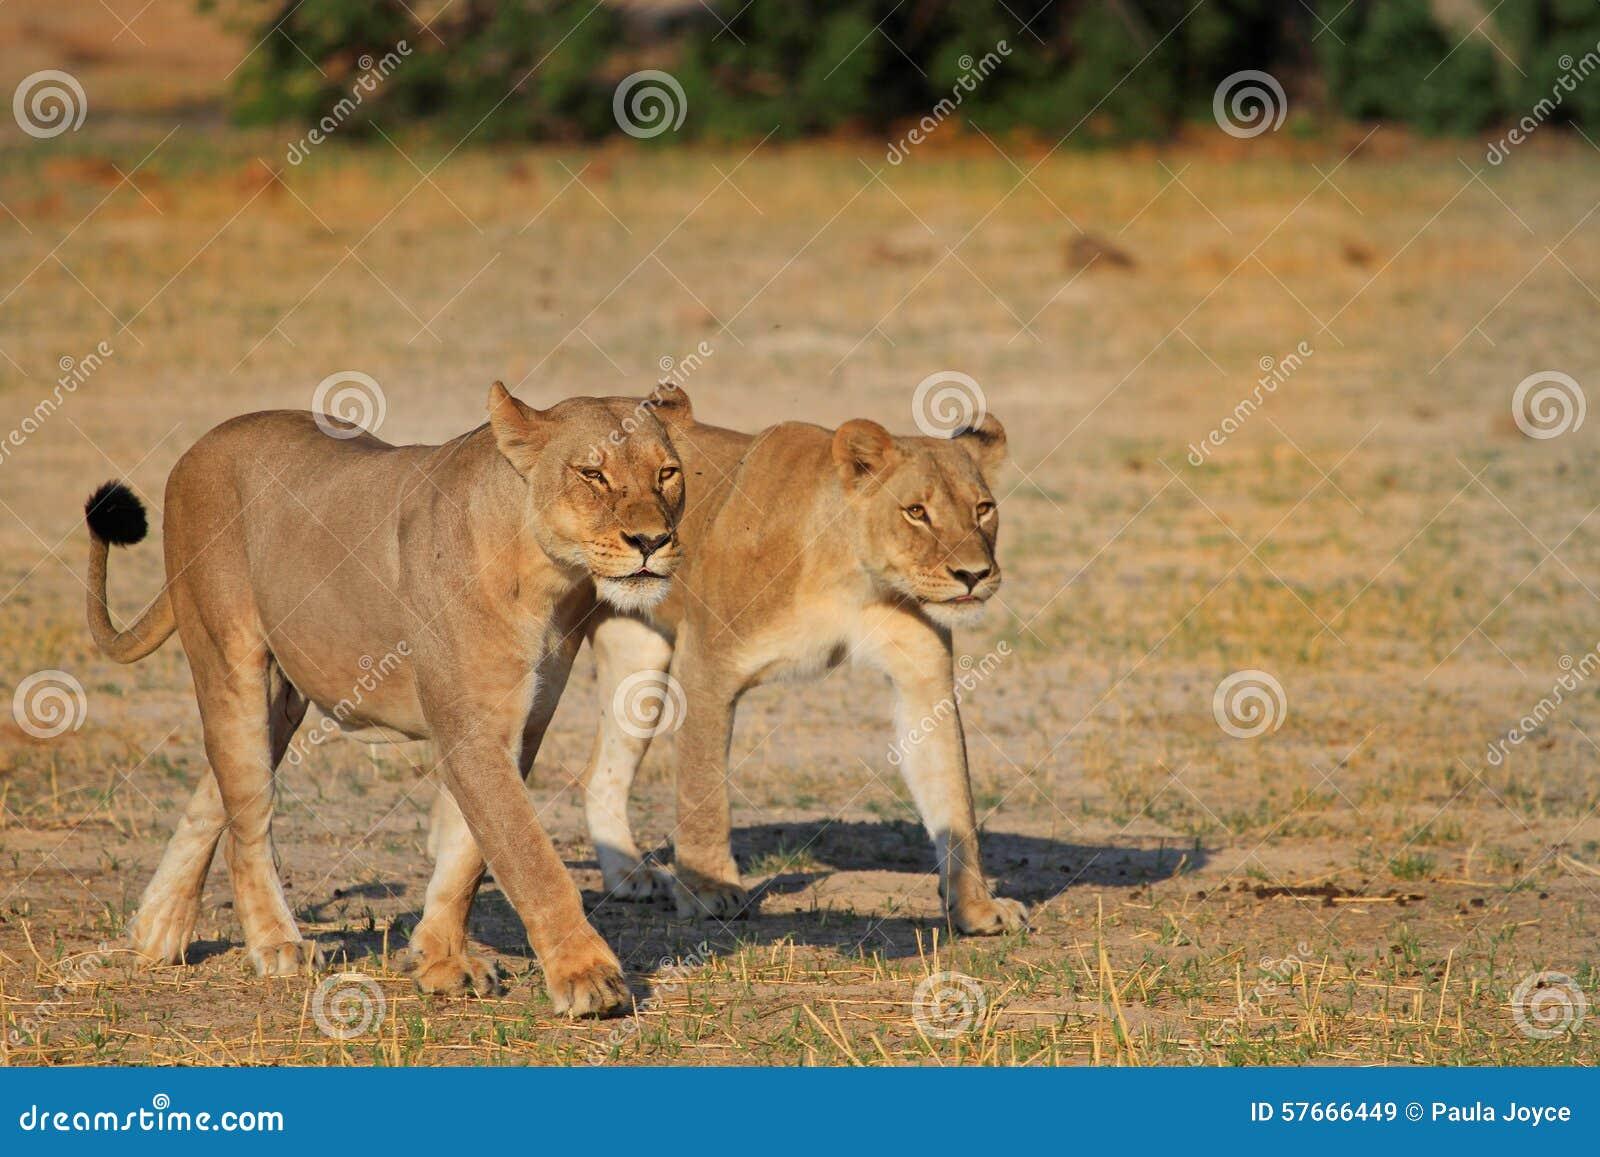 2 do orgulho de Cecil que ANDA NAS PLANÍCIES no hWANGE